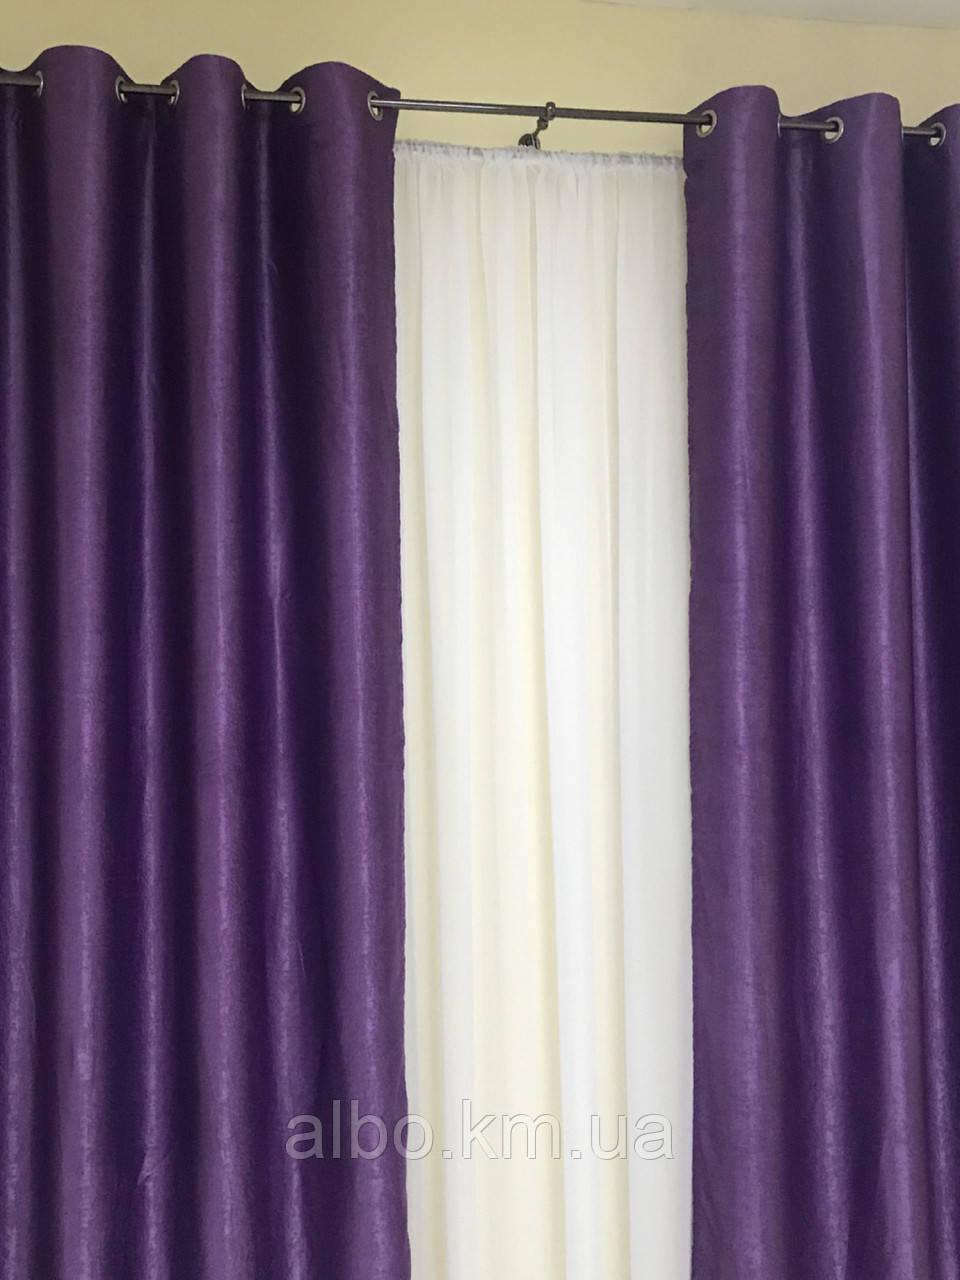 Люверсы на шторы для дома зала спальни кабинета, шторы из блэкаута в кухню комнату зал квартиру, шторы от